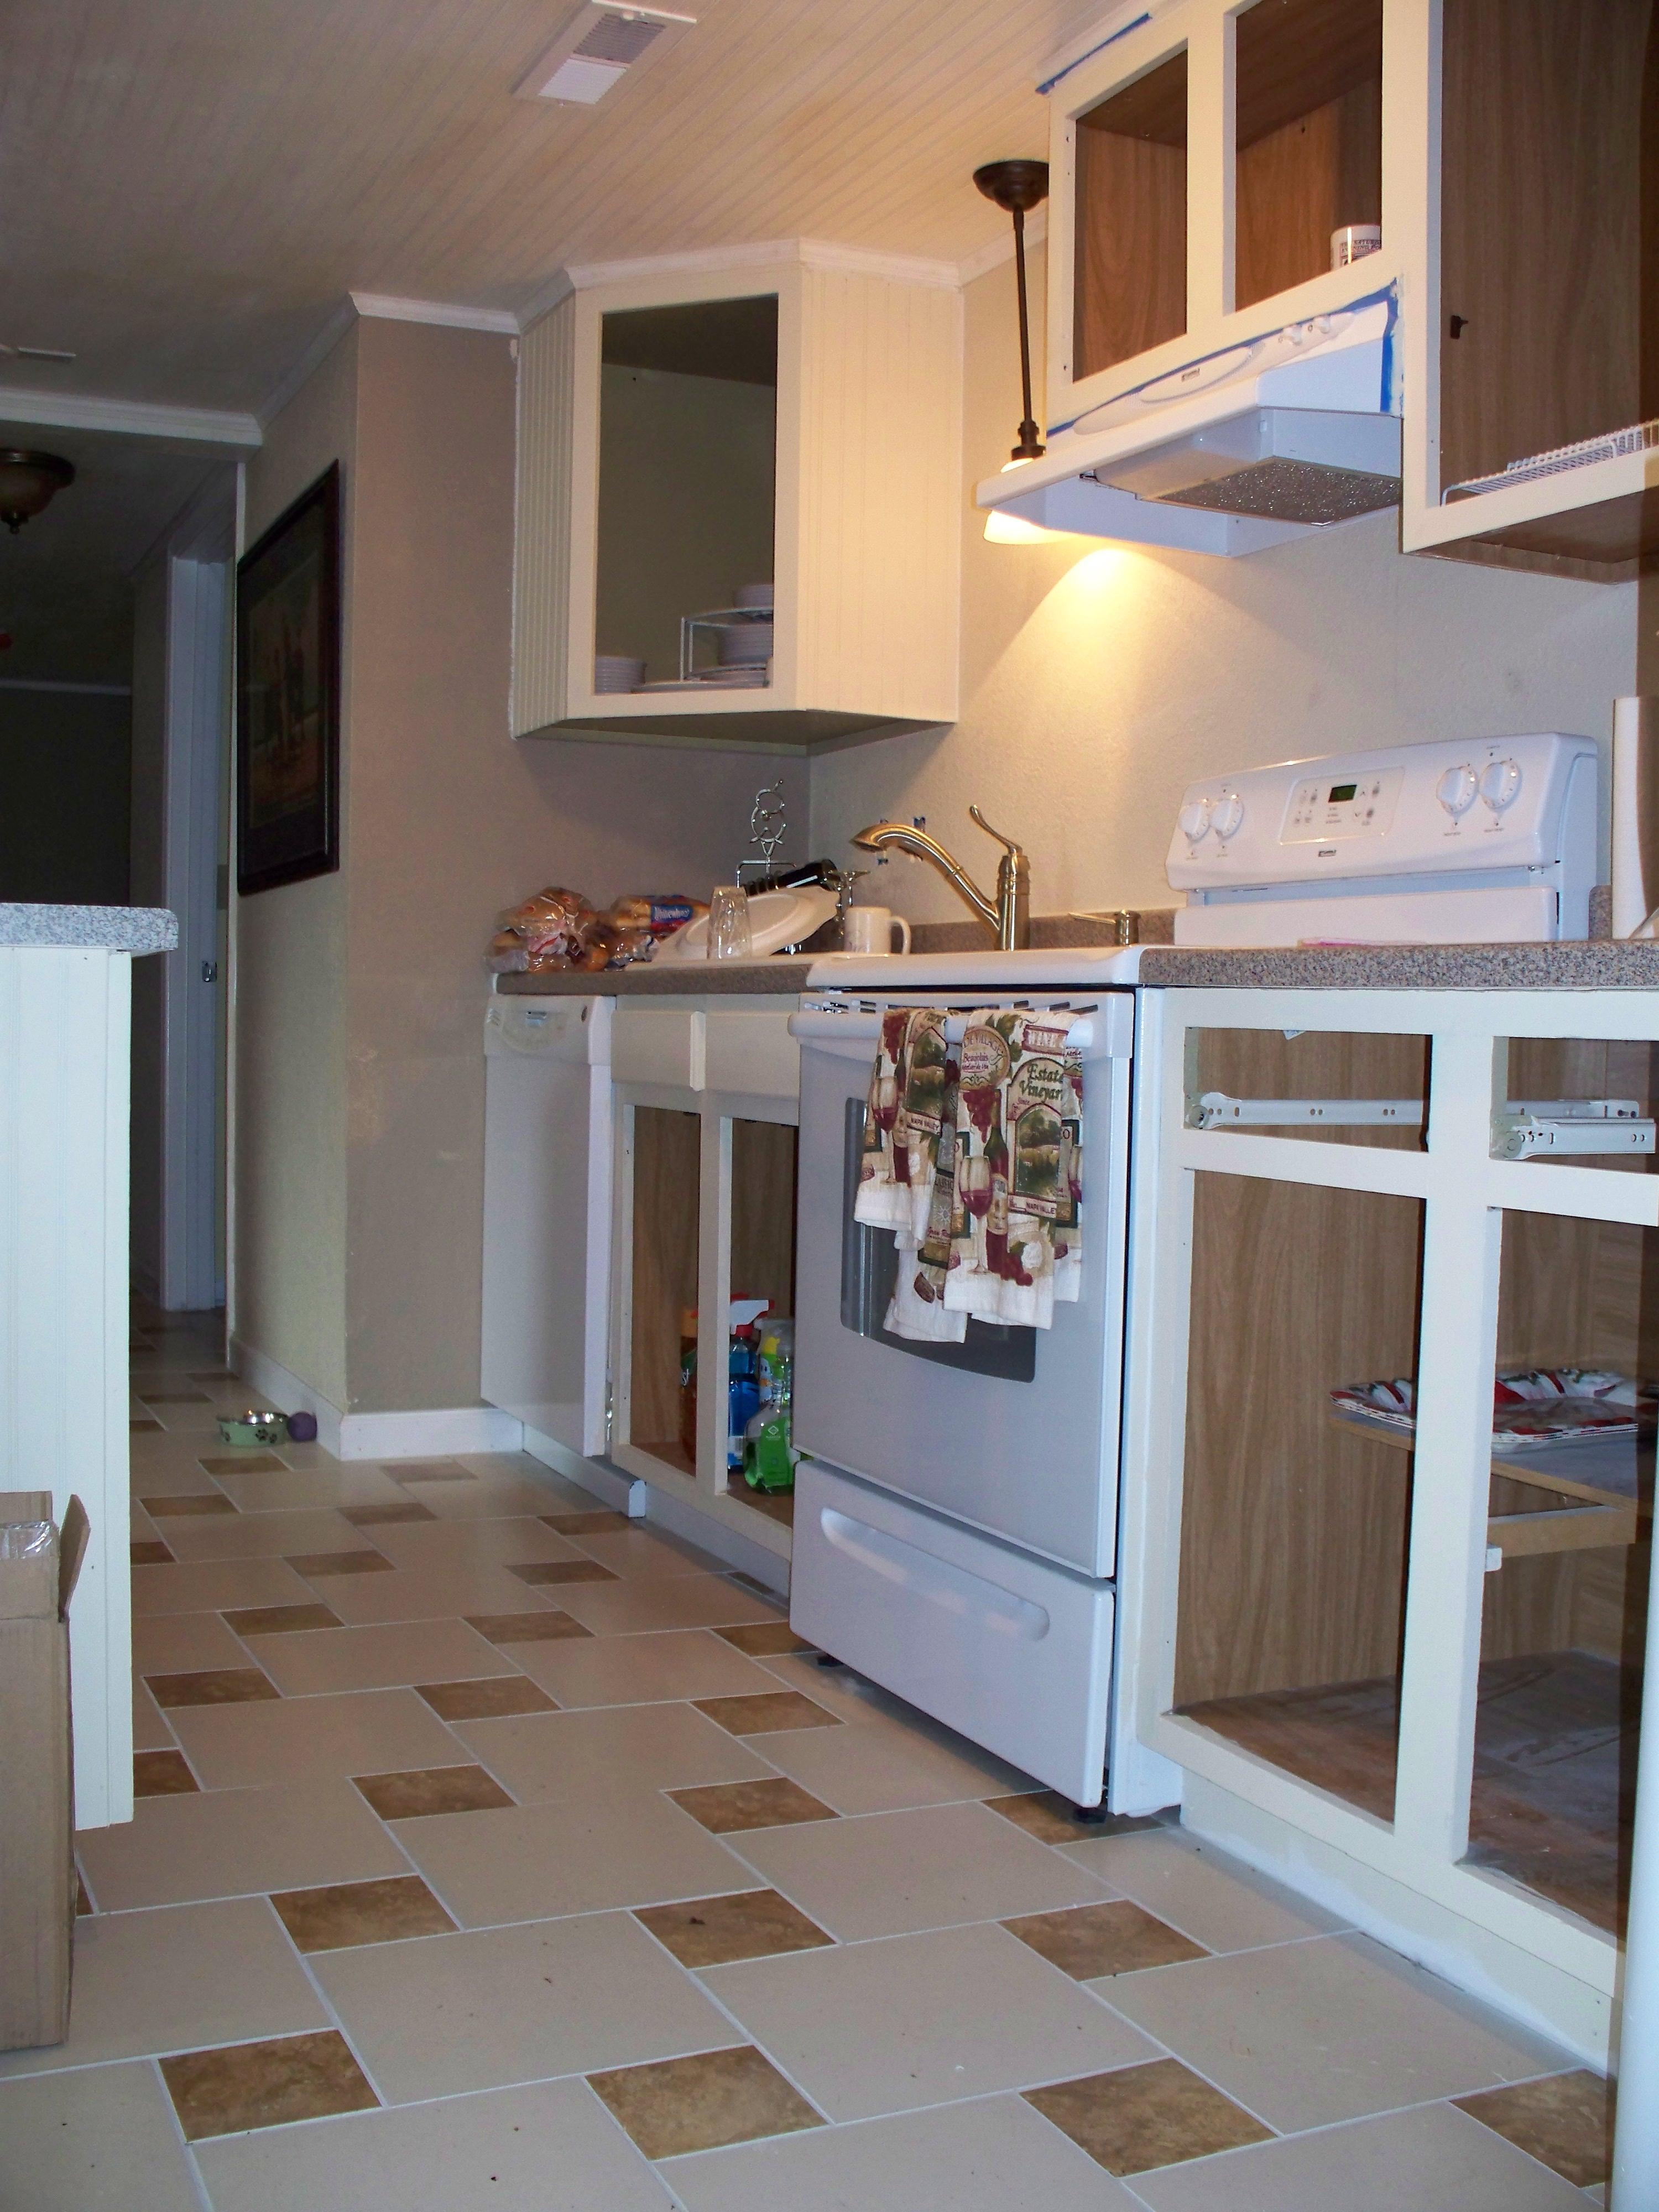 Basement Apartment Matt Crass And Son